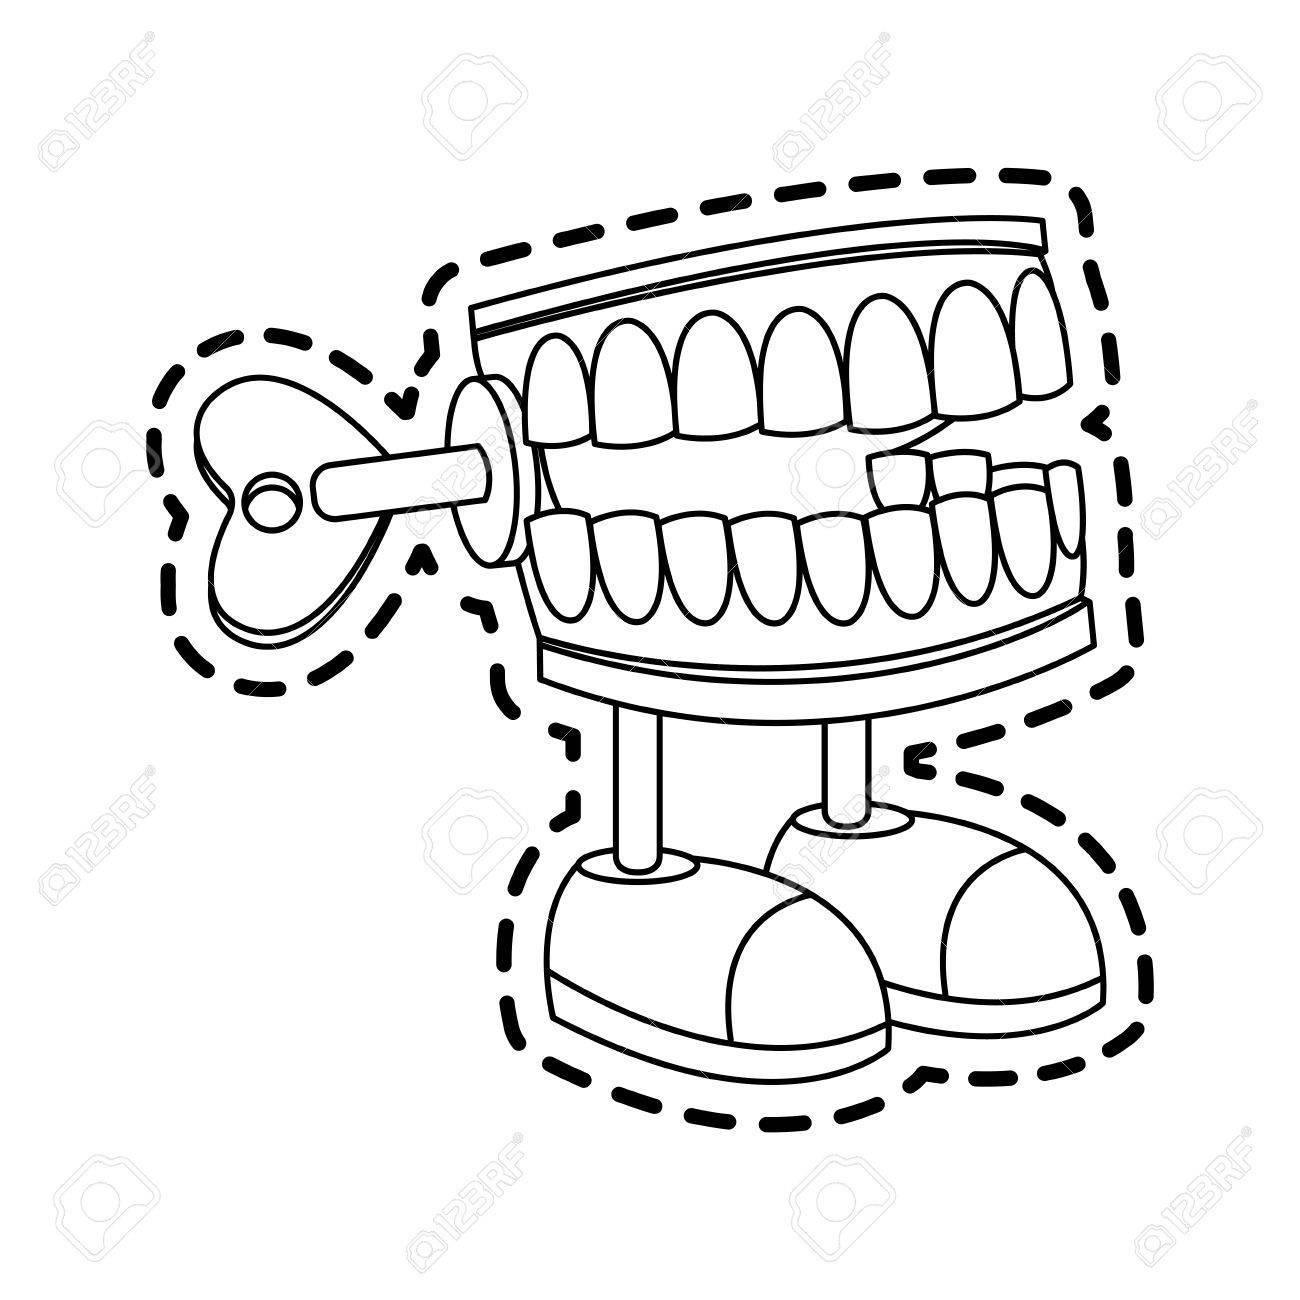 Chomping Teeth Cartoon Clipart